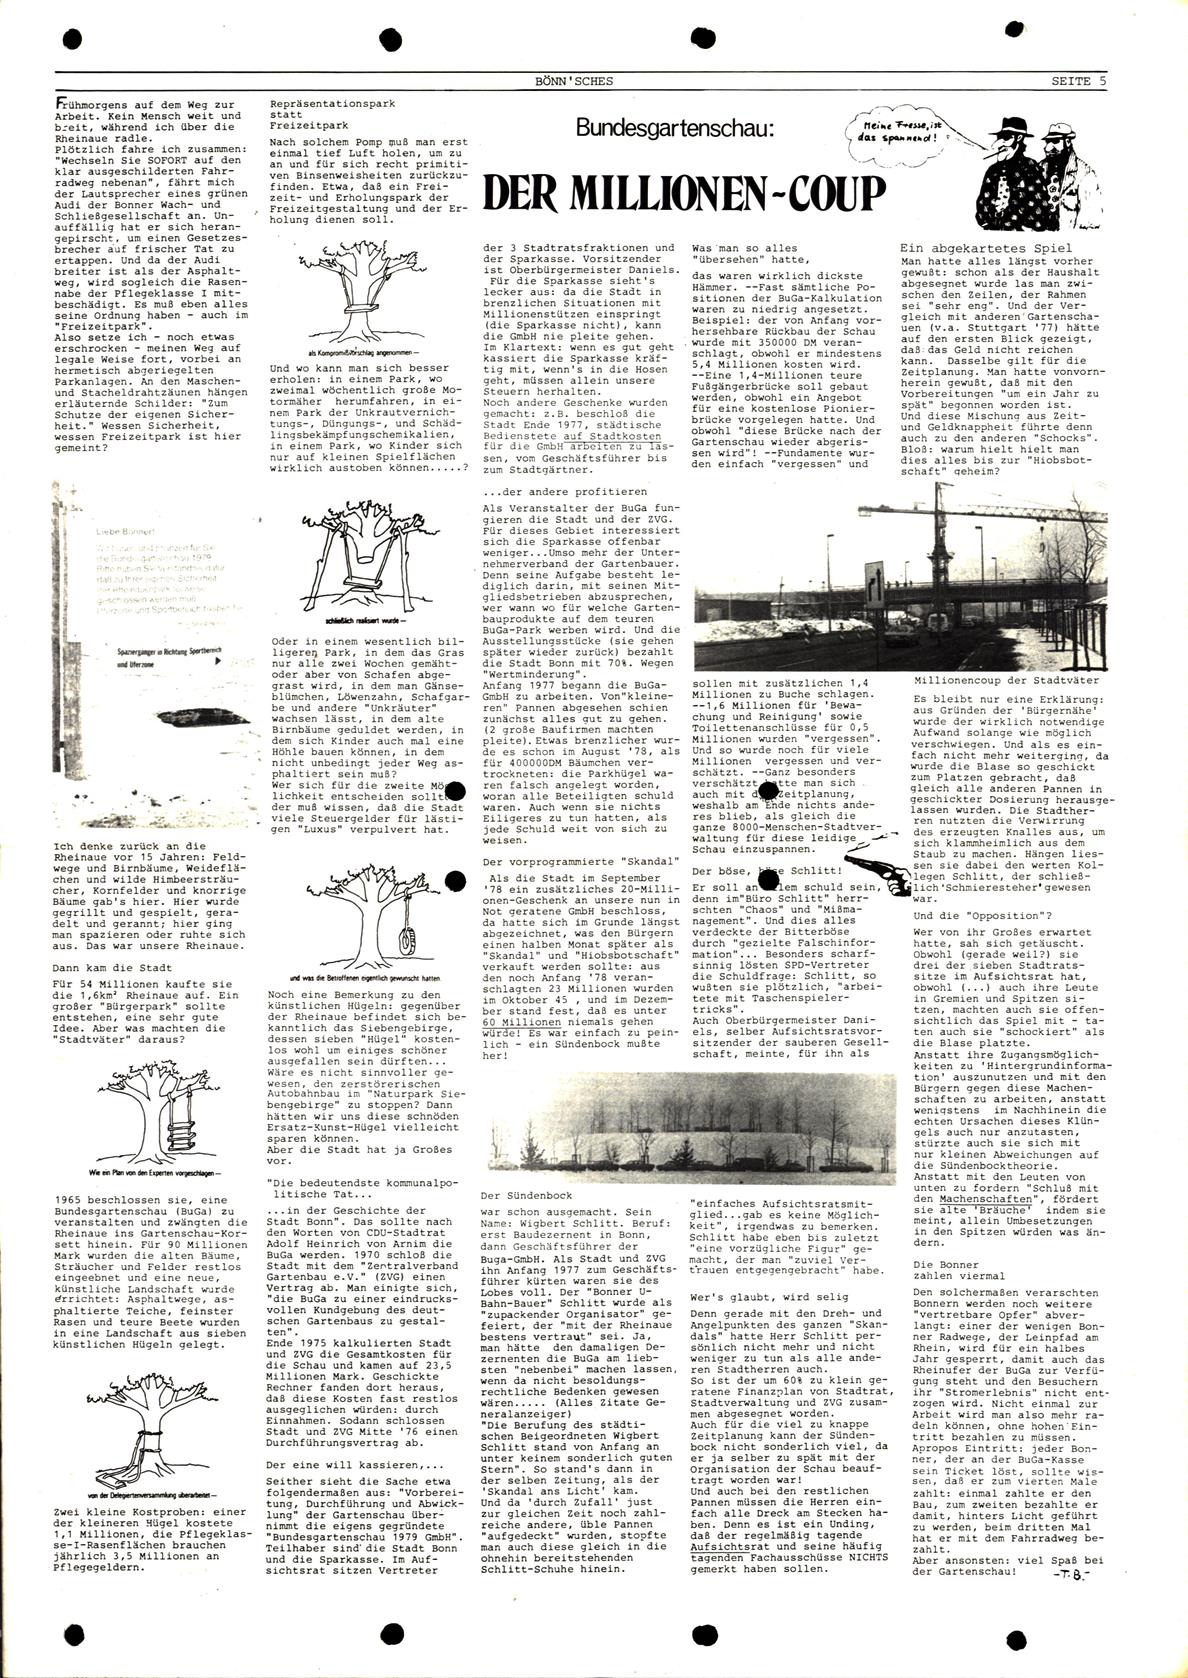 Bonner_Volksblatt_22_19790228_05